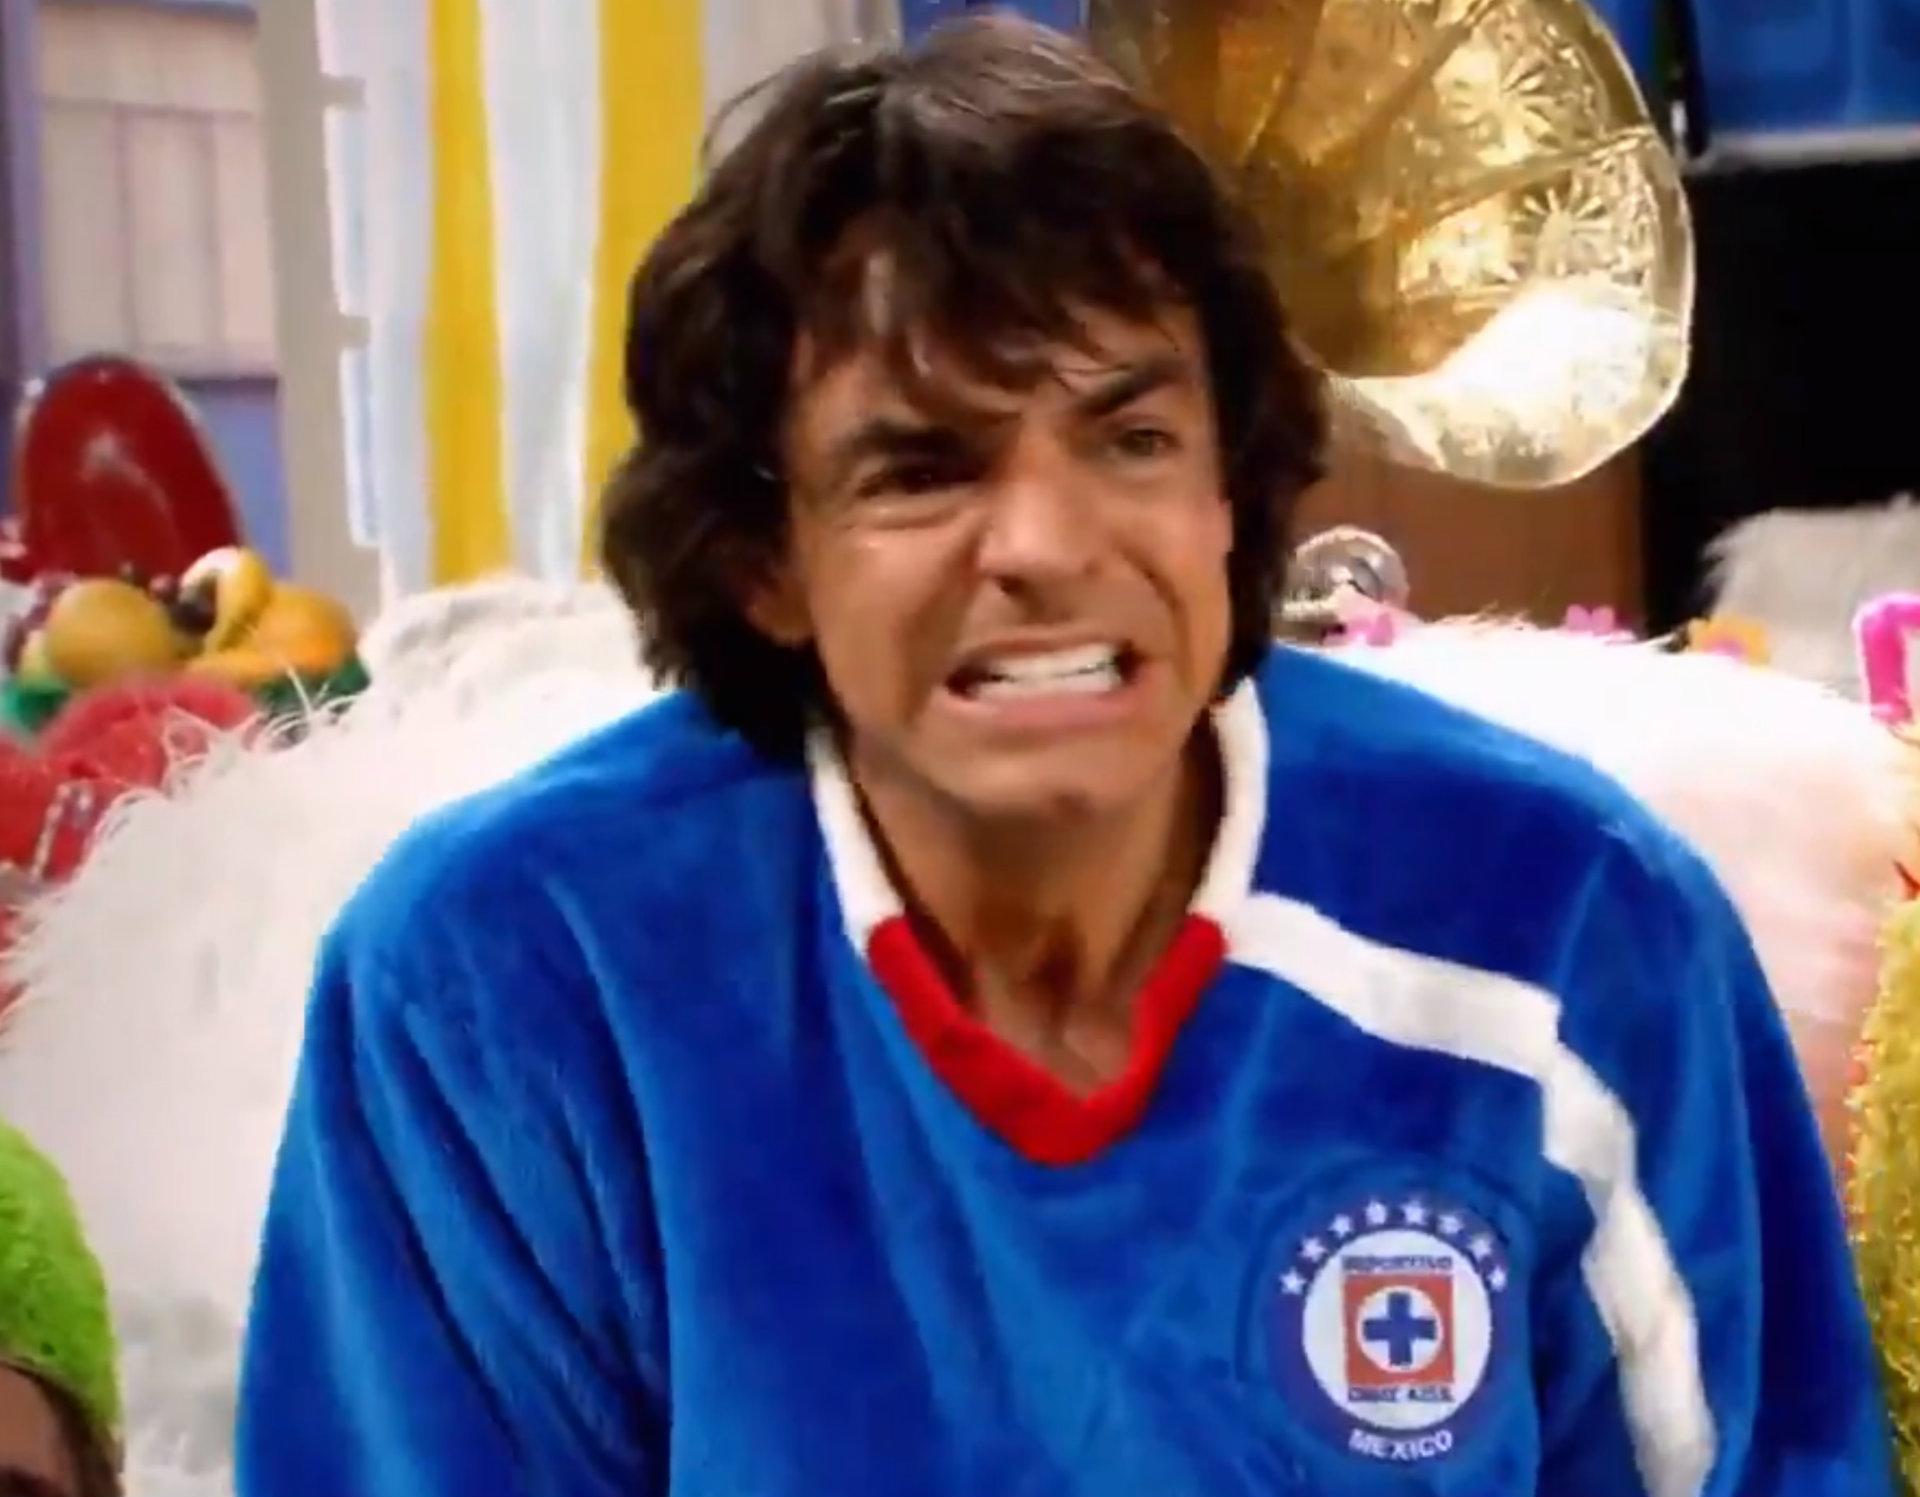 Derbez es uno de los aficionados más famosos del Cruz Azul (Foto: Twitter)